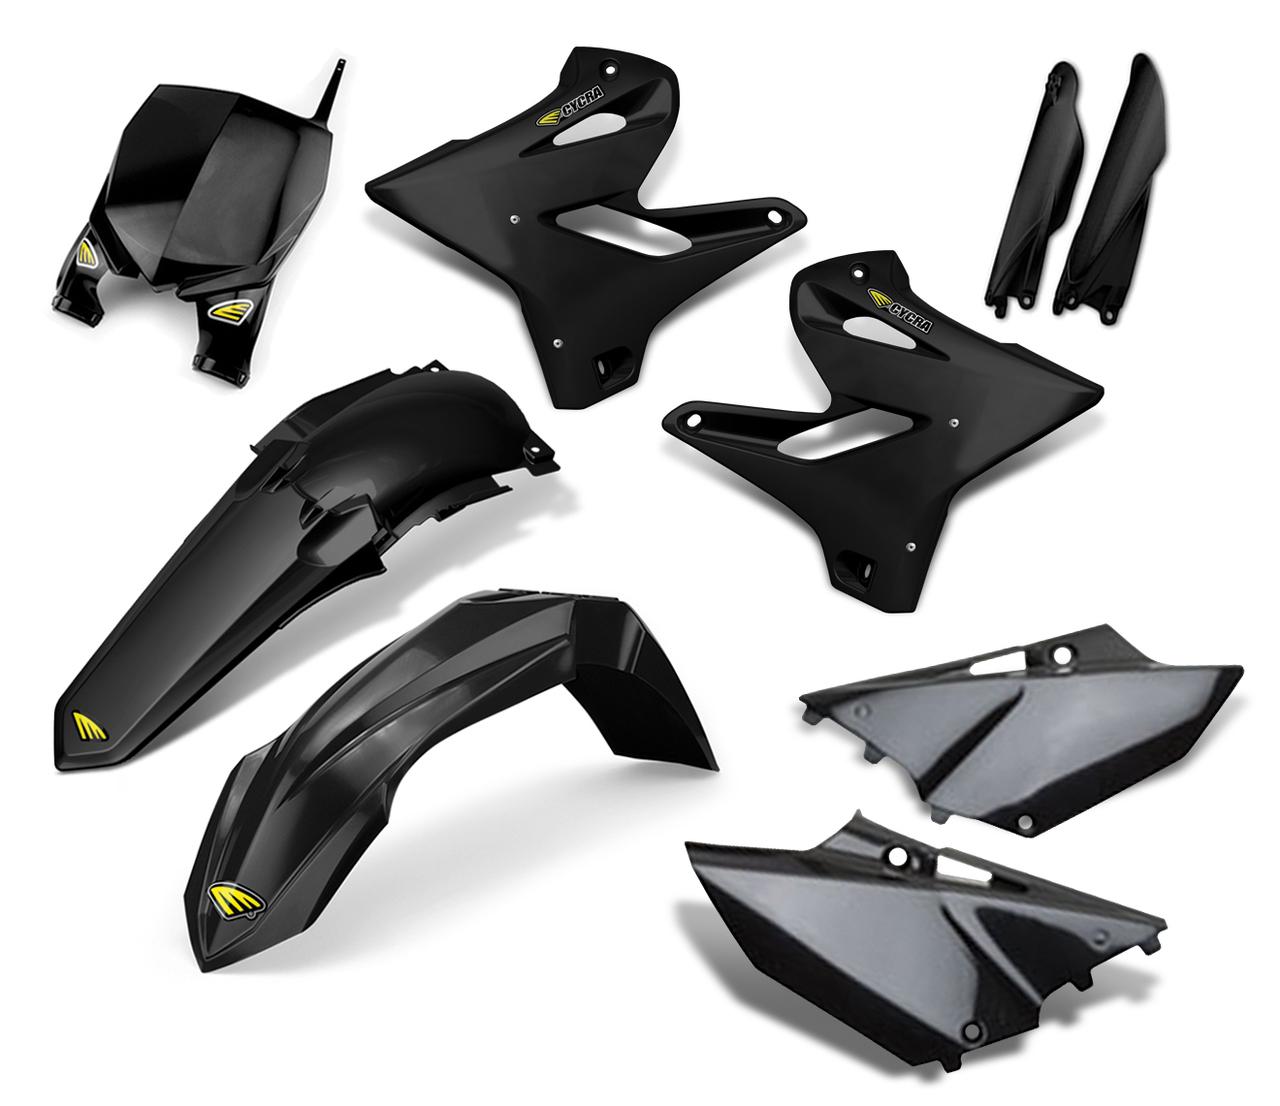 CYCRA サイクラ フルカウル・セット外装 パワーフローインテークラジエターボディキット カラー:ブラック YZ125 YZ250 YZ250X YZF250 YZF450